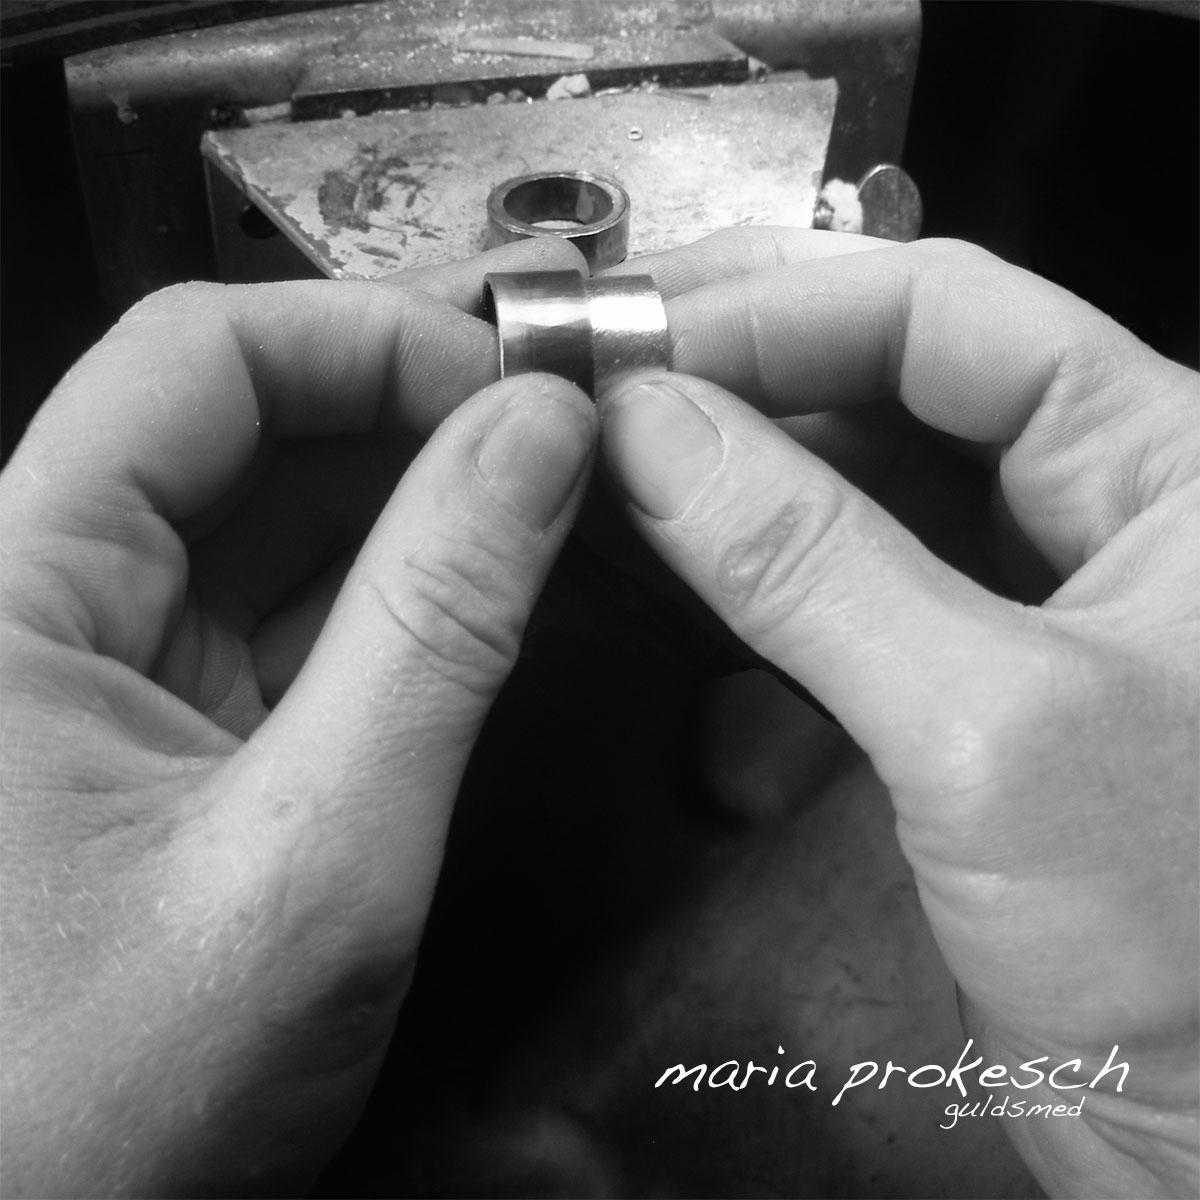 Håndlavede smykker laves med stor faglighed og kvalitet. Der bliver til vielsesringene brugt guld og ægte sten. Mange muligheder for personlige ønsker, her er det tofarvede ringe som guldsmeden arbejder med.